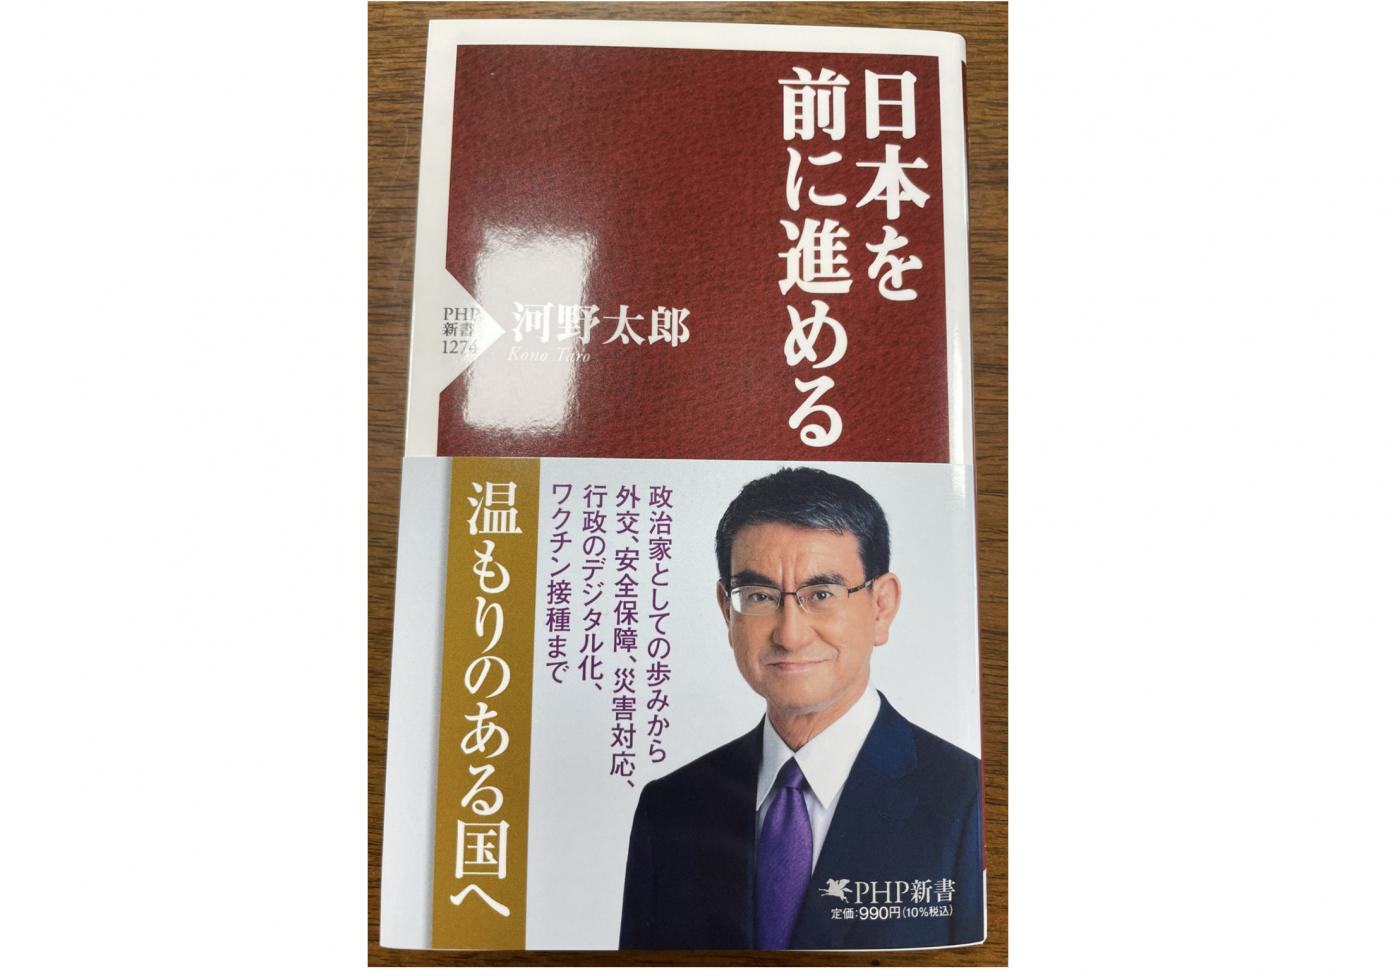 如果河野太郎当选下一任日本首相......_图1-4